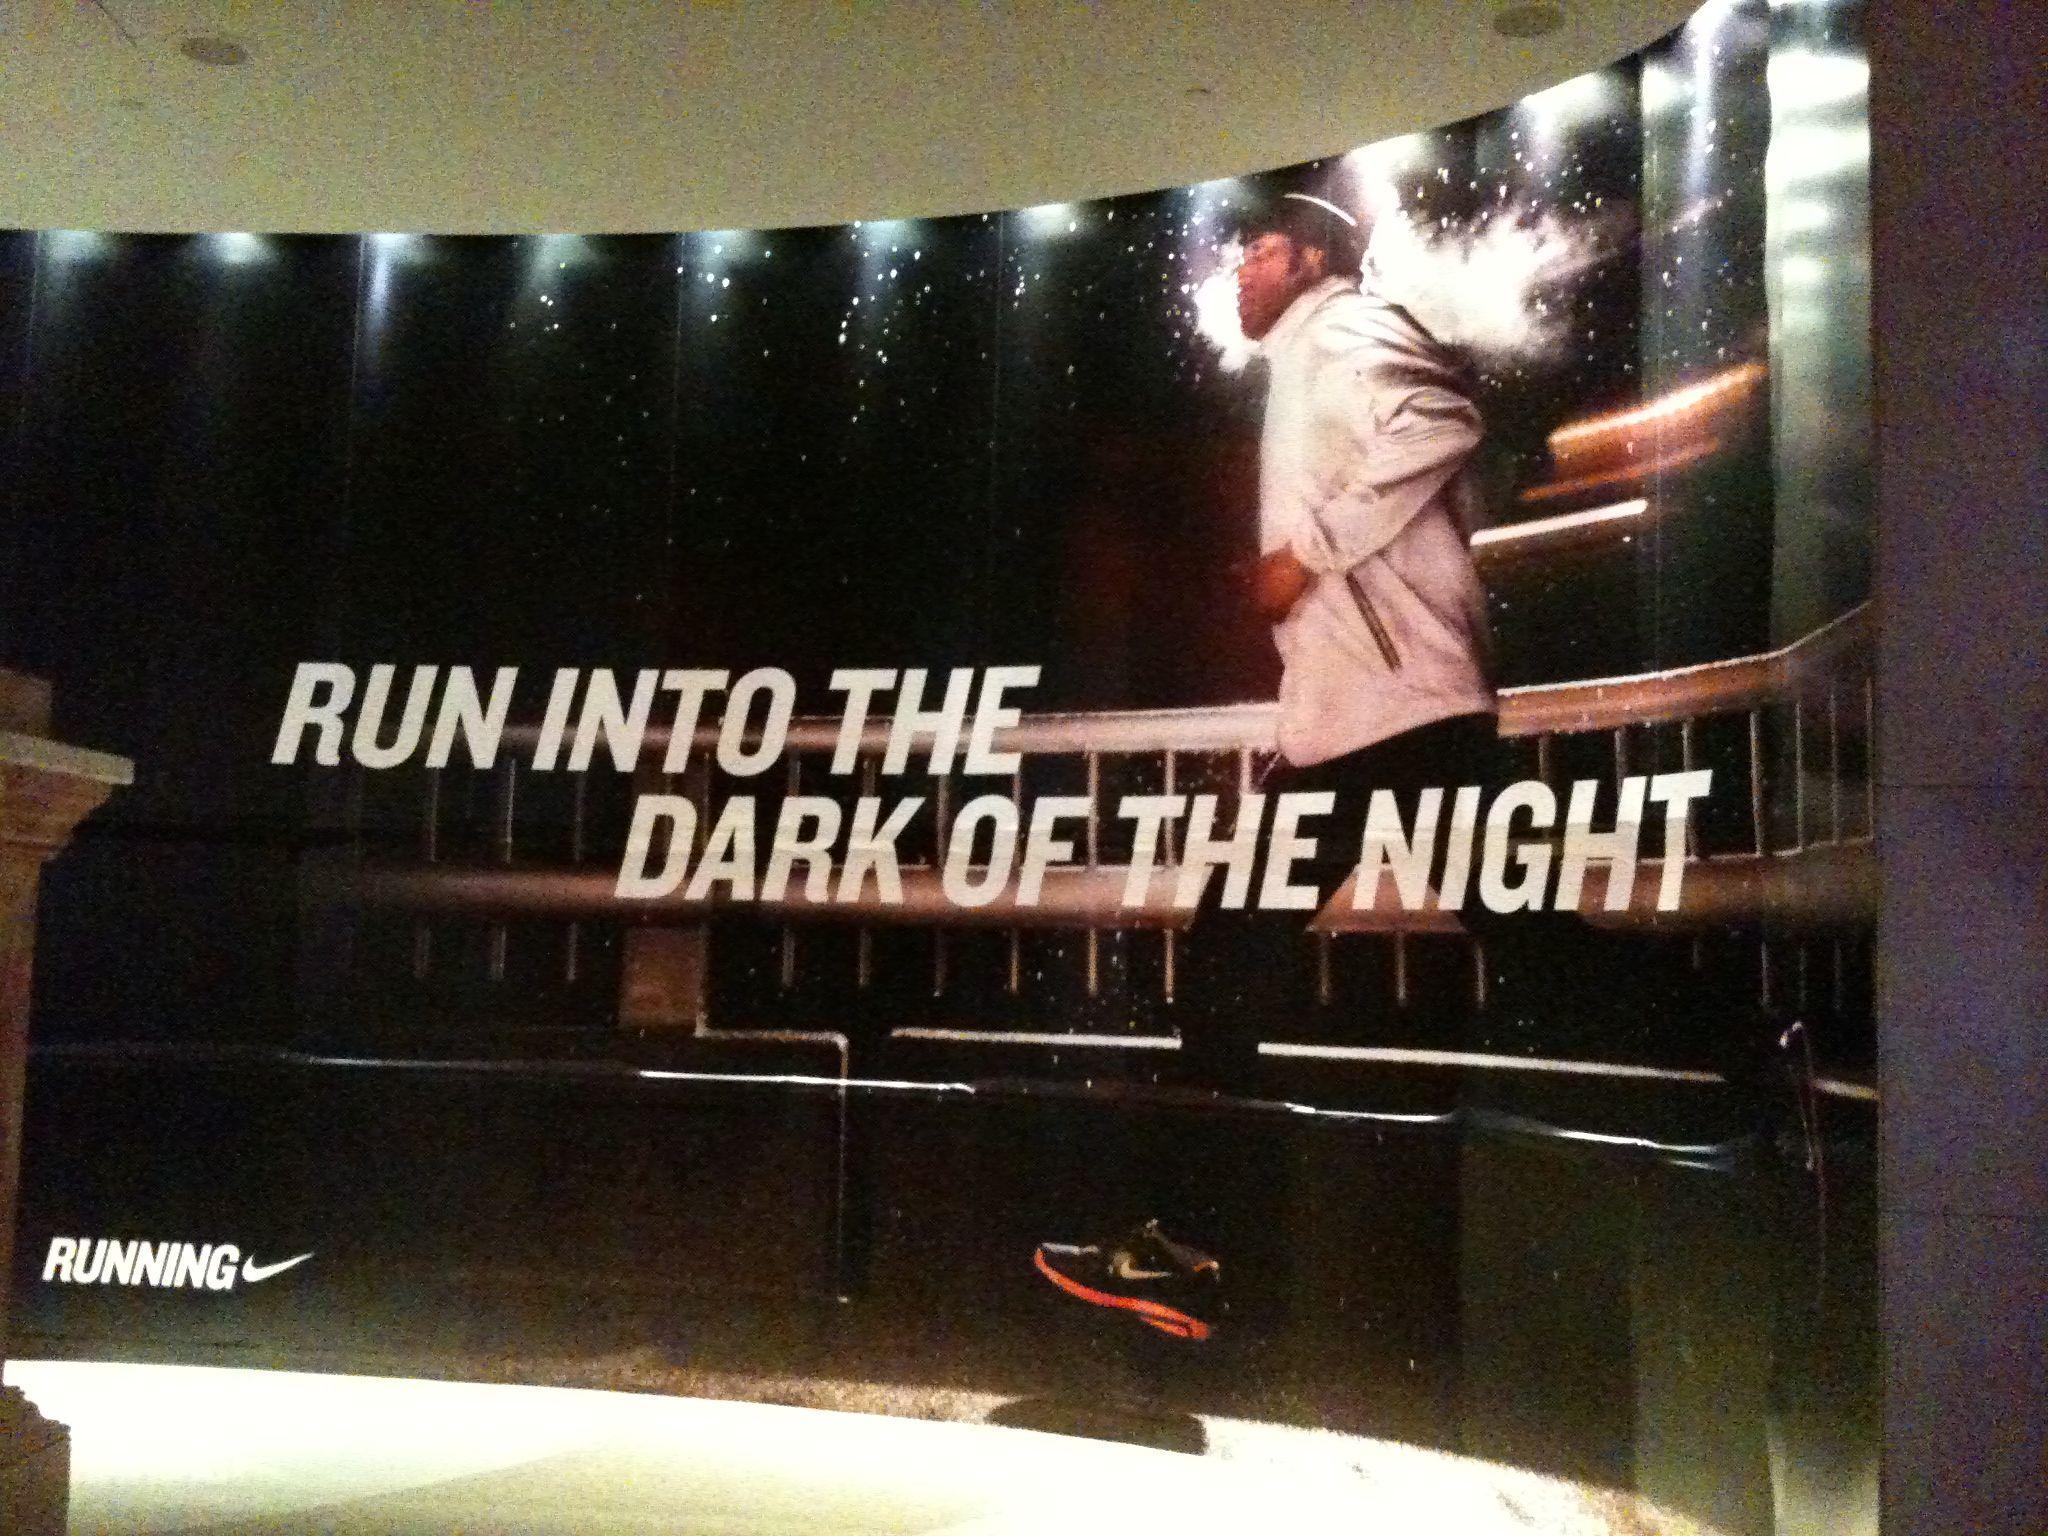 Nike Run Into The Dark of the Night